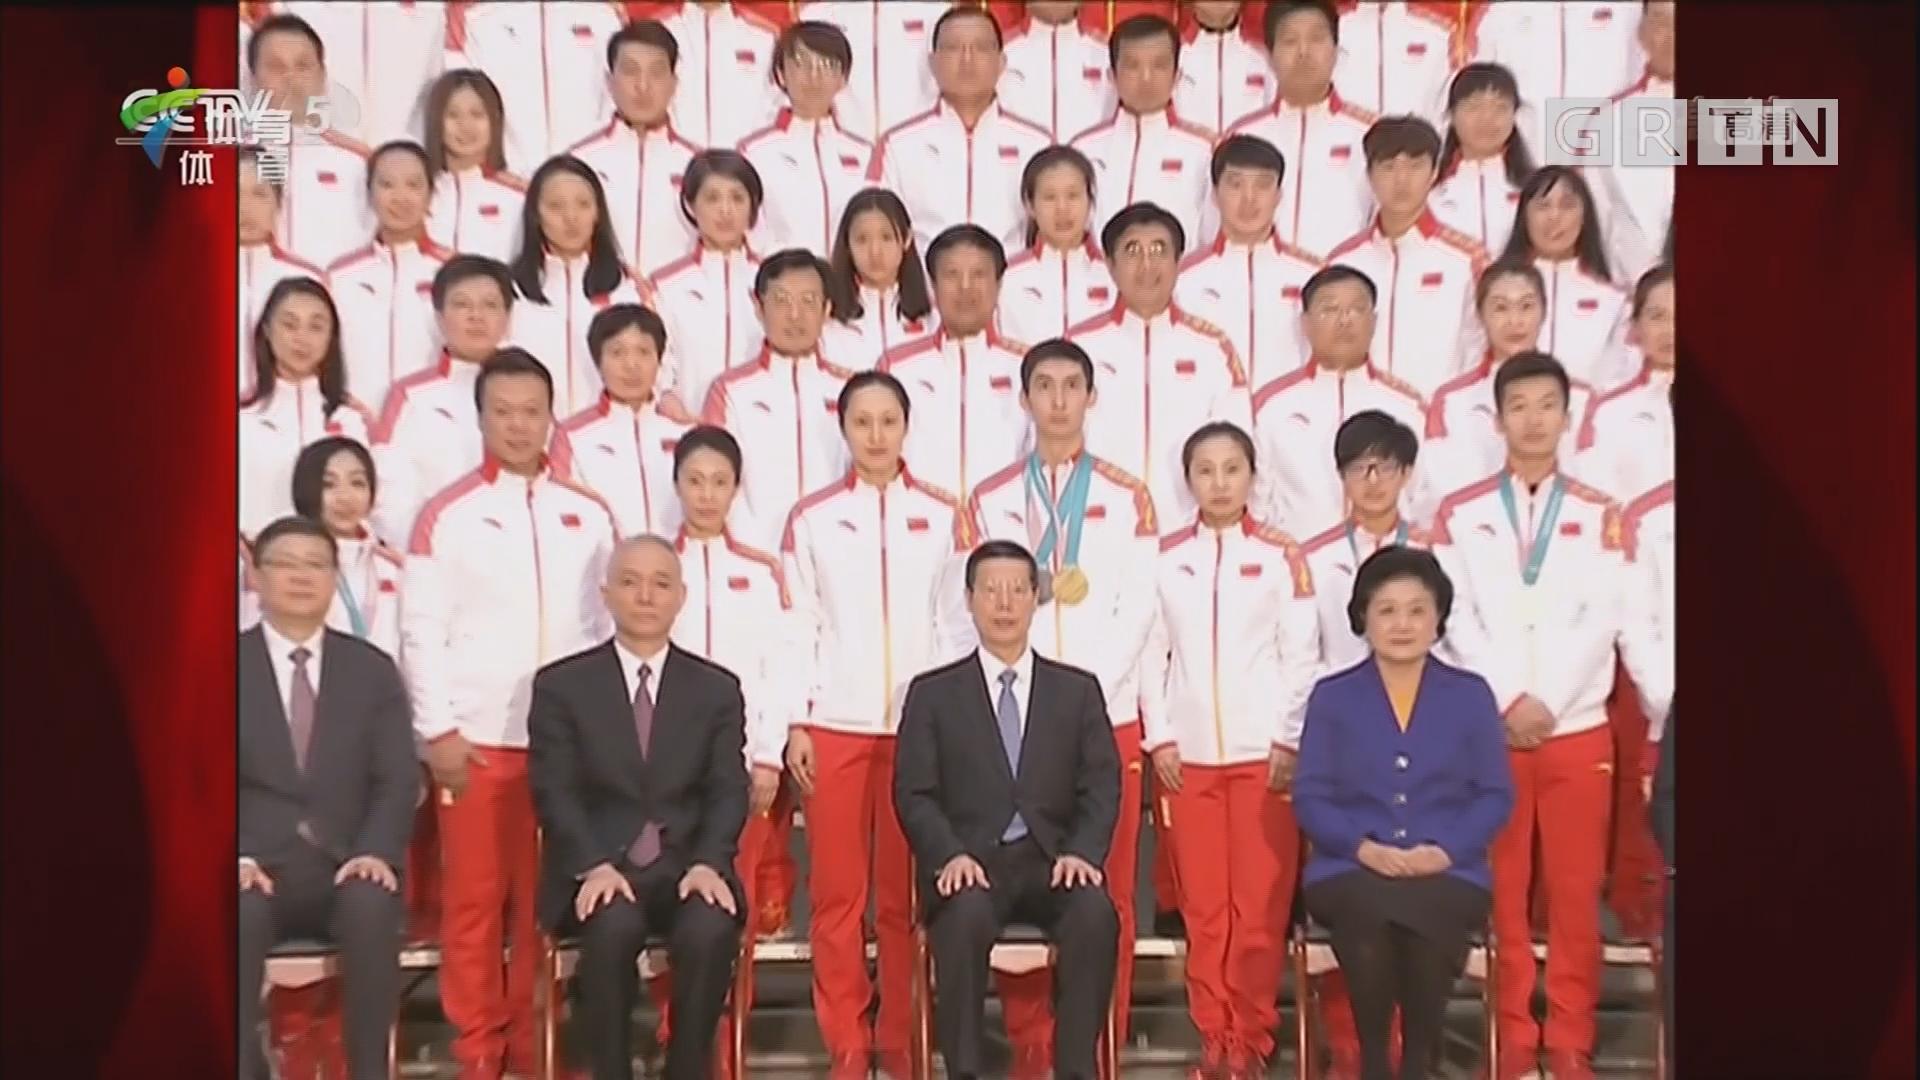 国务院副总理、第24届冬季奥林匹克运动会工作领导小组组长张高丽27号会见载誉归来的平昌冬奥会中国体育代表团